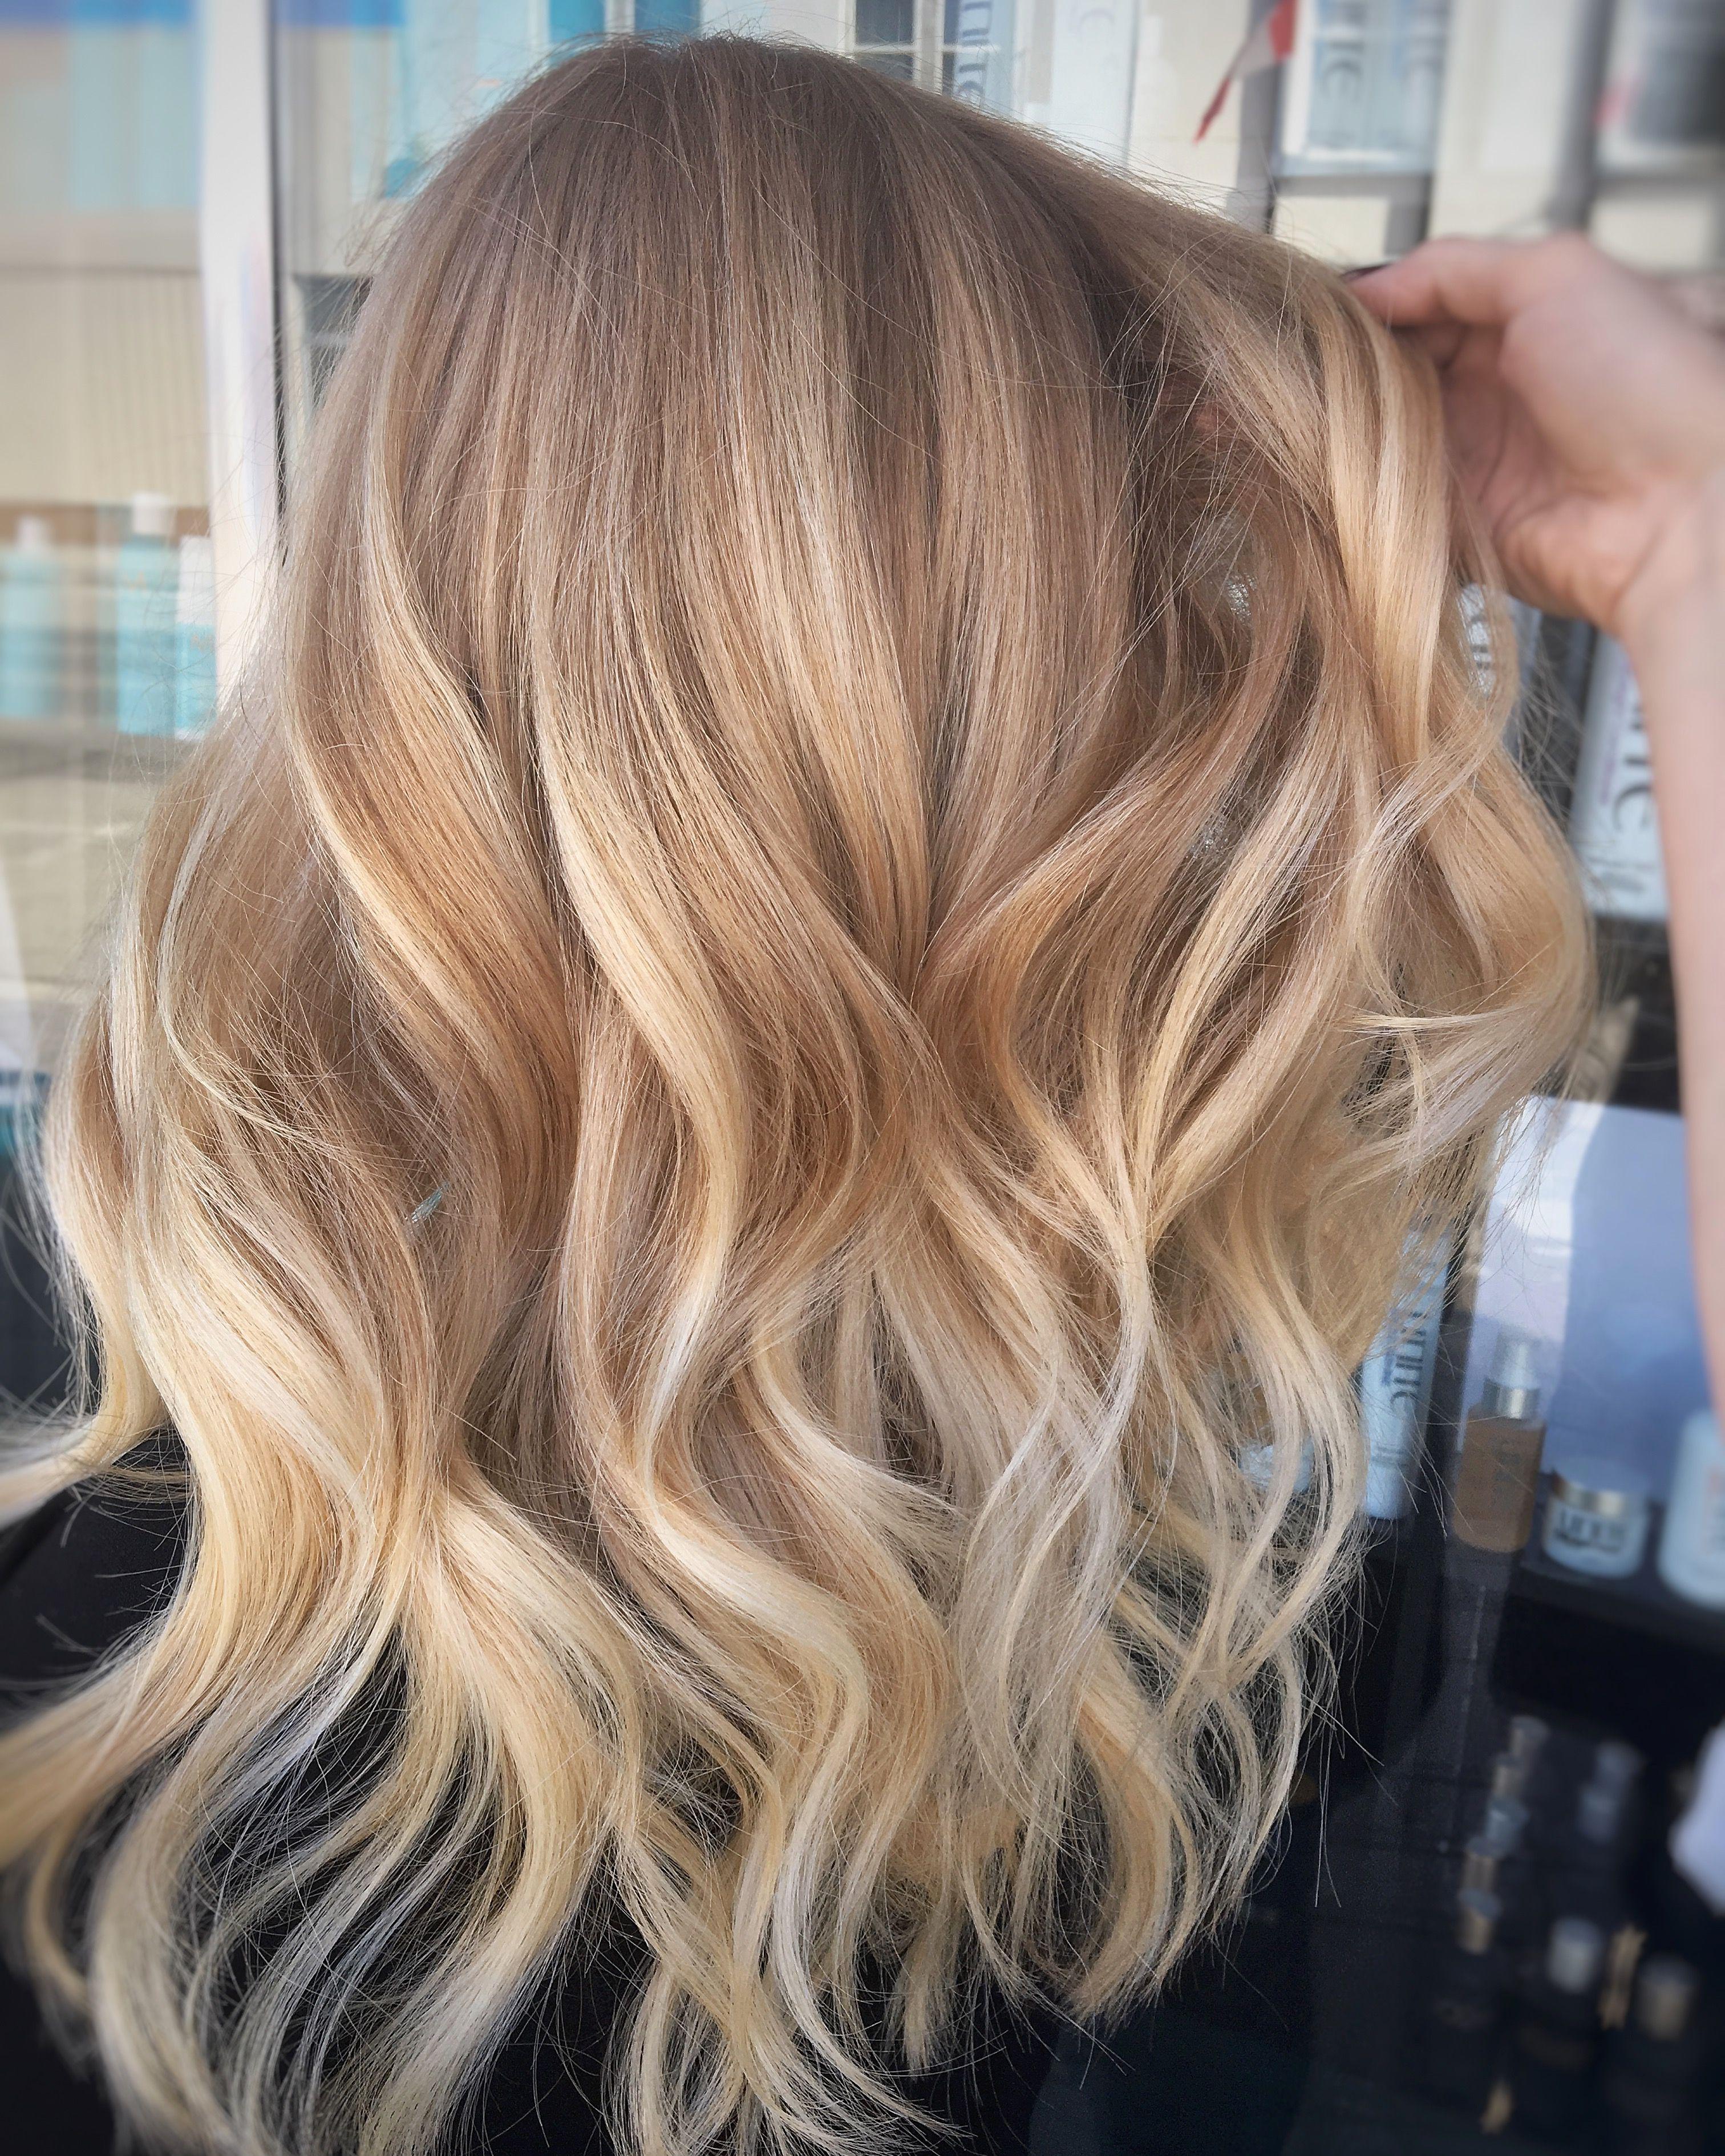 Modern Blonde Hairbybotsford Balayage Hair Blonde Hair Styles Balayage Hair